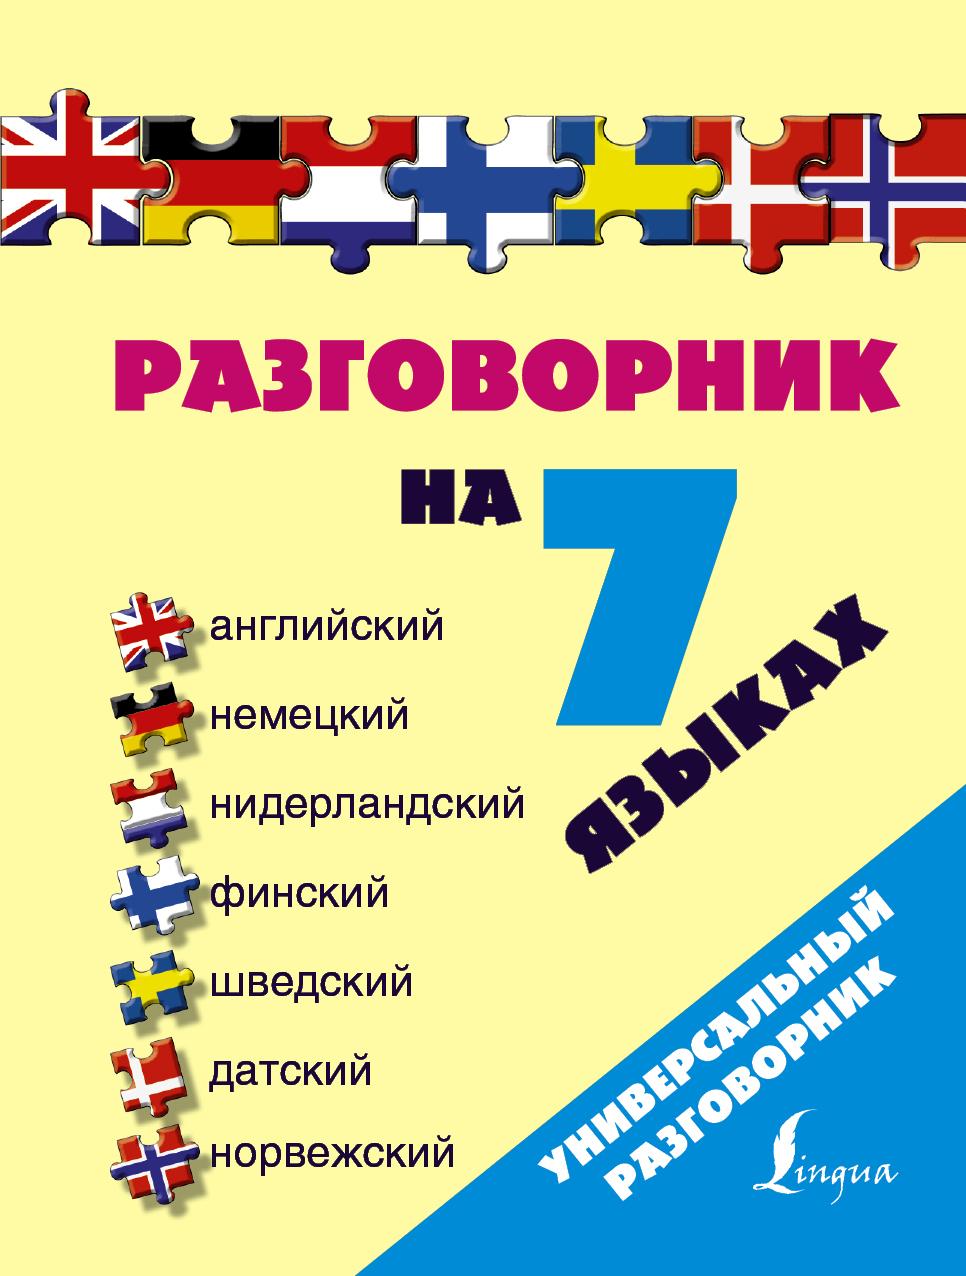 Разговорник на 7 языках: английский, немецкий, нидерландский, финский, шведский, датский, норвежский ( .  )